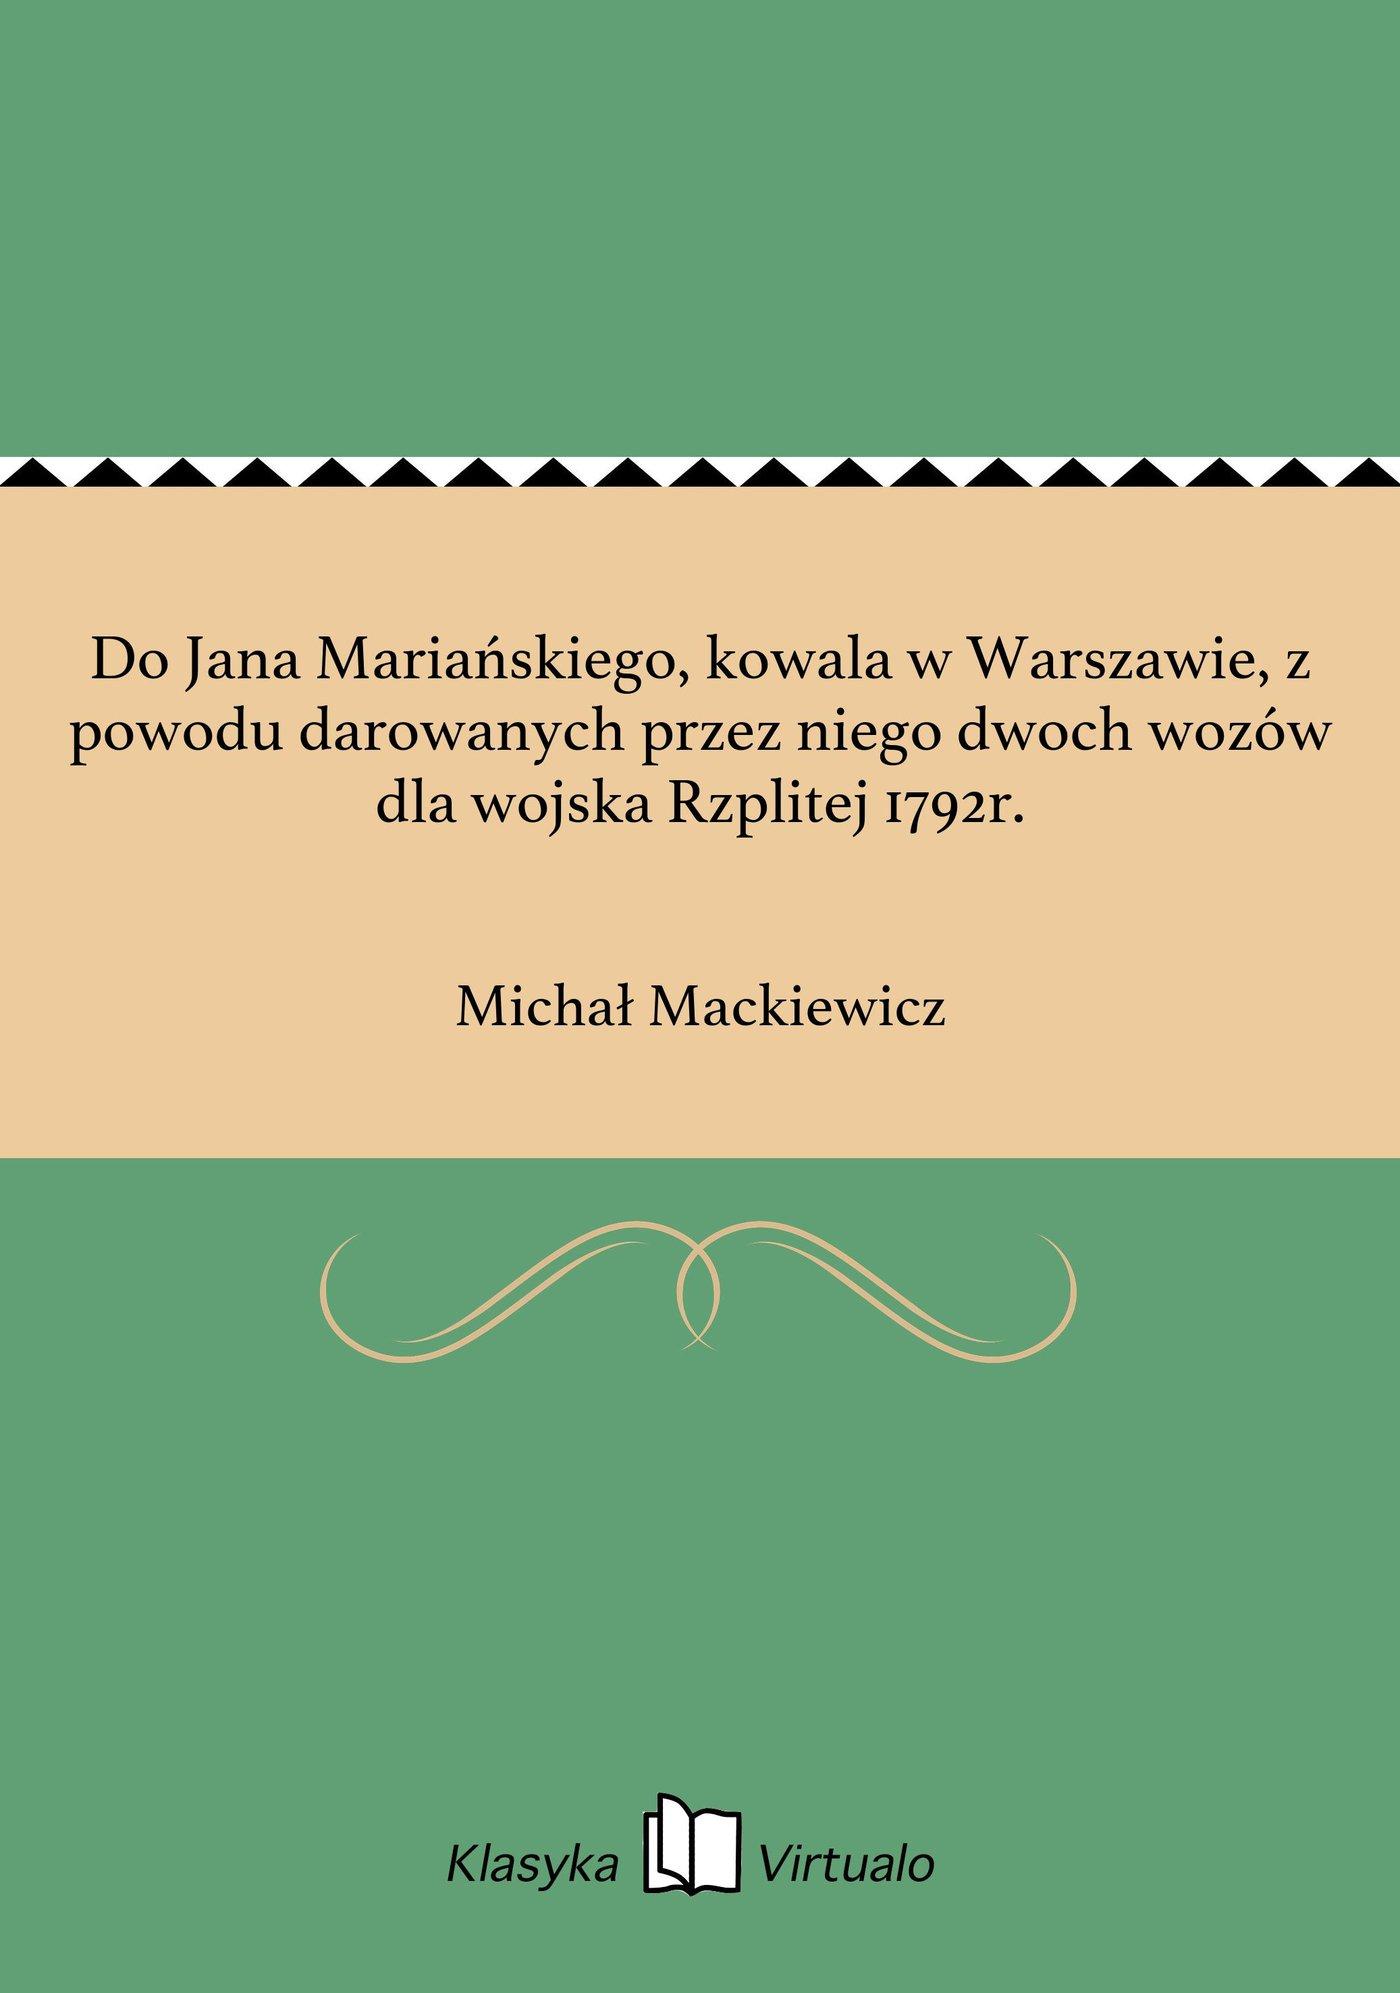 Do Jana Mariańskiego, kowala w Warszawie, z powodu darowanych przez niego dwoch wozów dla wojska Rzplitej 1792r. - Ebook (Książka EPUB) do pobrania w formacie EPUB